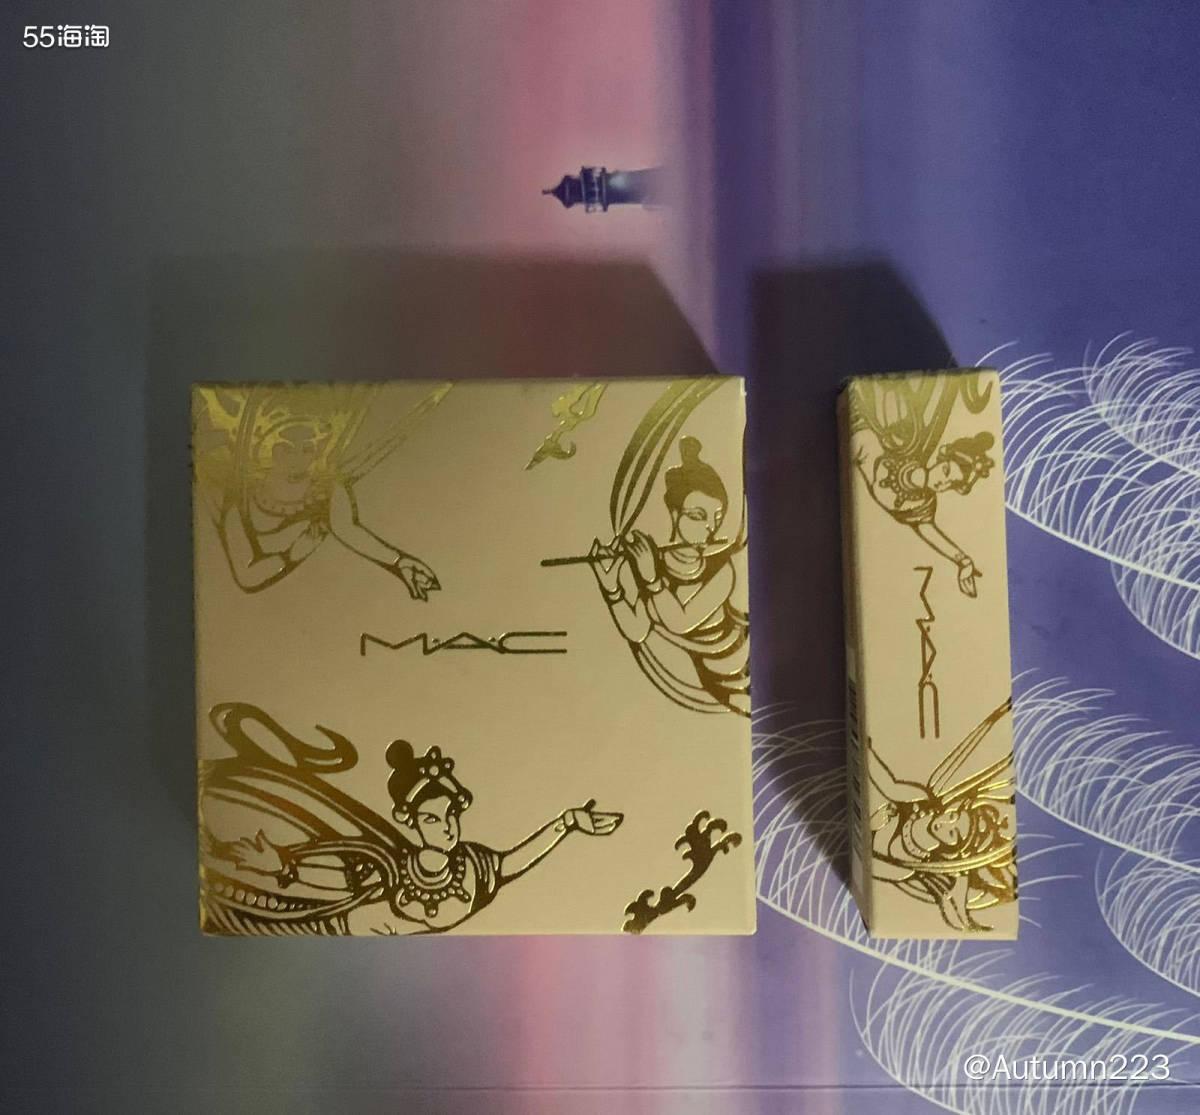 新春晒单之MAC敦煌限定版仙桃高光和RUBY WOO口红